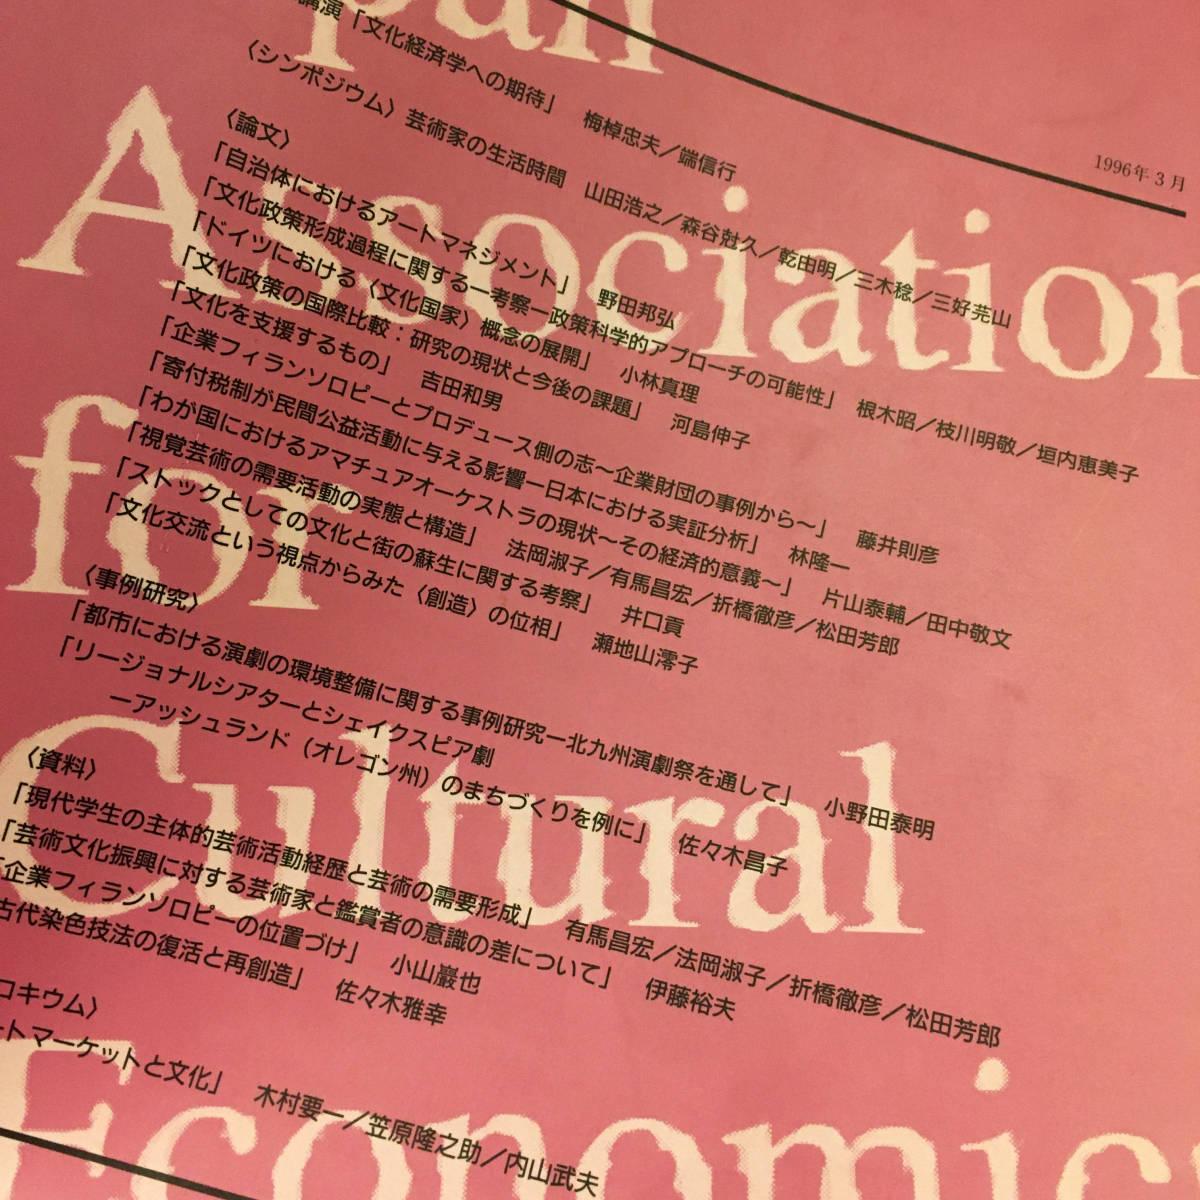 まとめて24冊◆文化経済学論文集◆地域経済の発展◆芸術振興◆メディア社会◆公共文化事業◆グローバル経済◆マーケティング◆地域再生_画像7